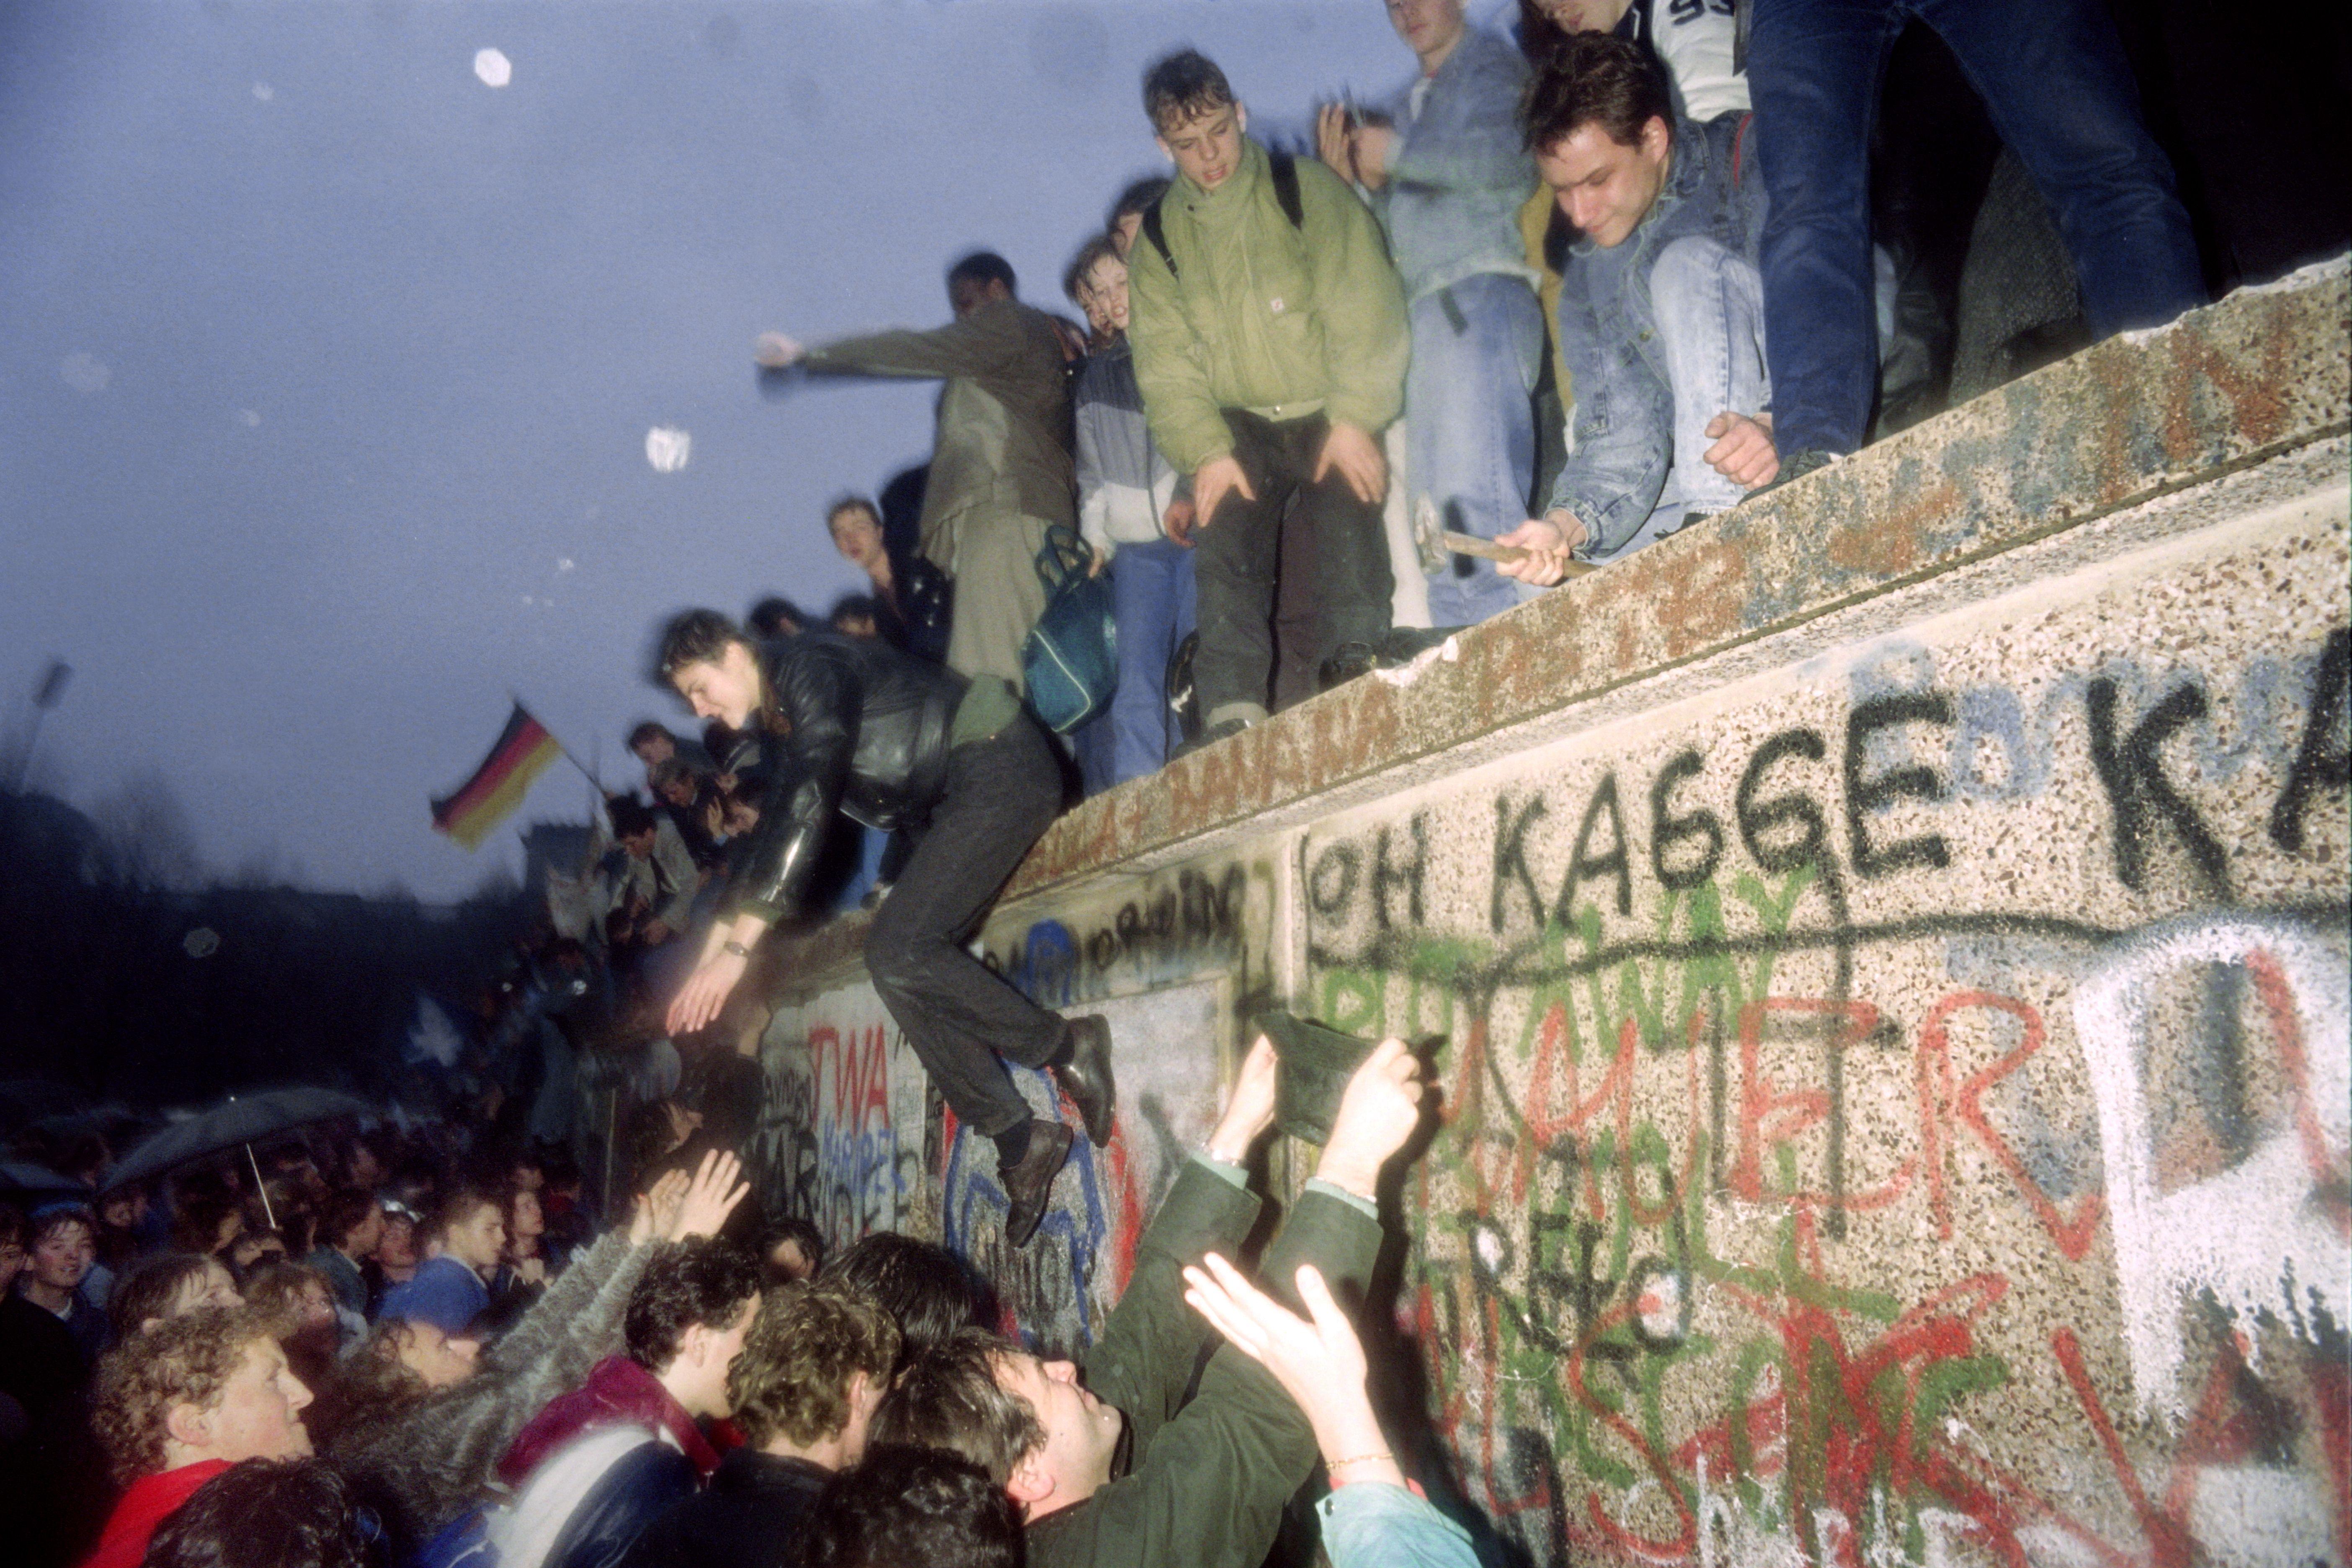 1989年11月10日清晨,東柏林人在翻越柏林圍牆時得到了西柏林人的幫助。(Getty Images)